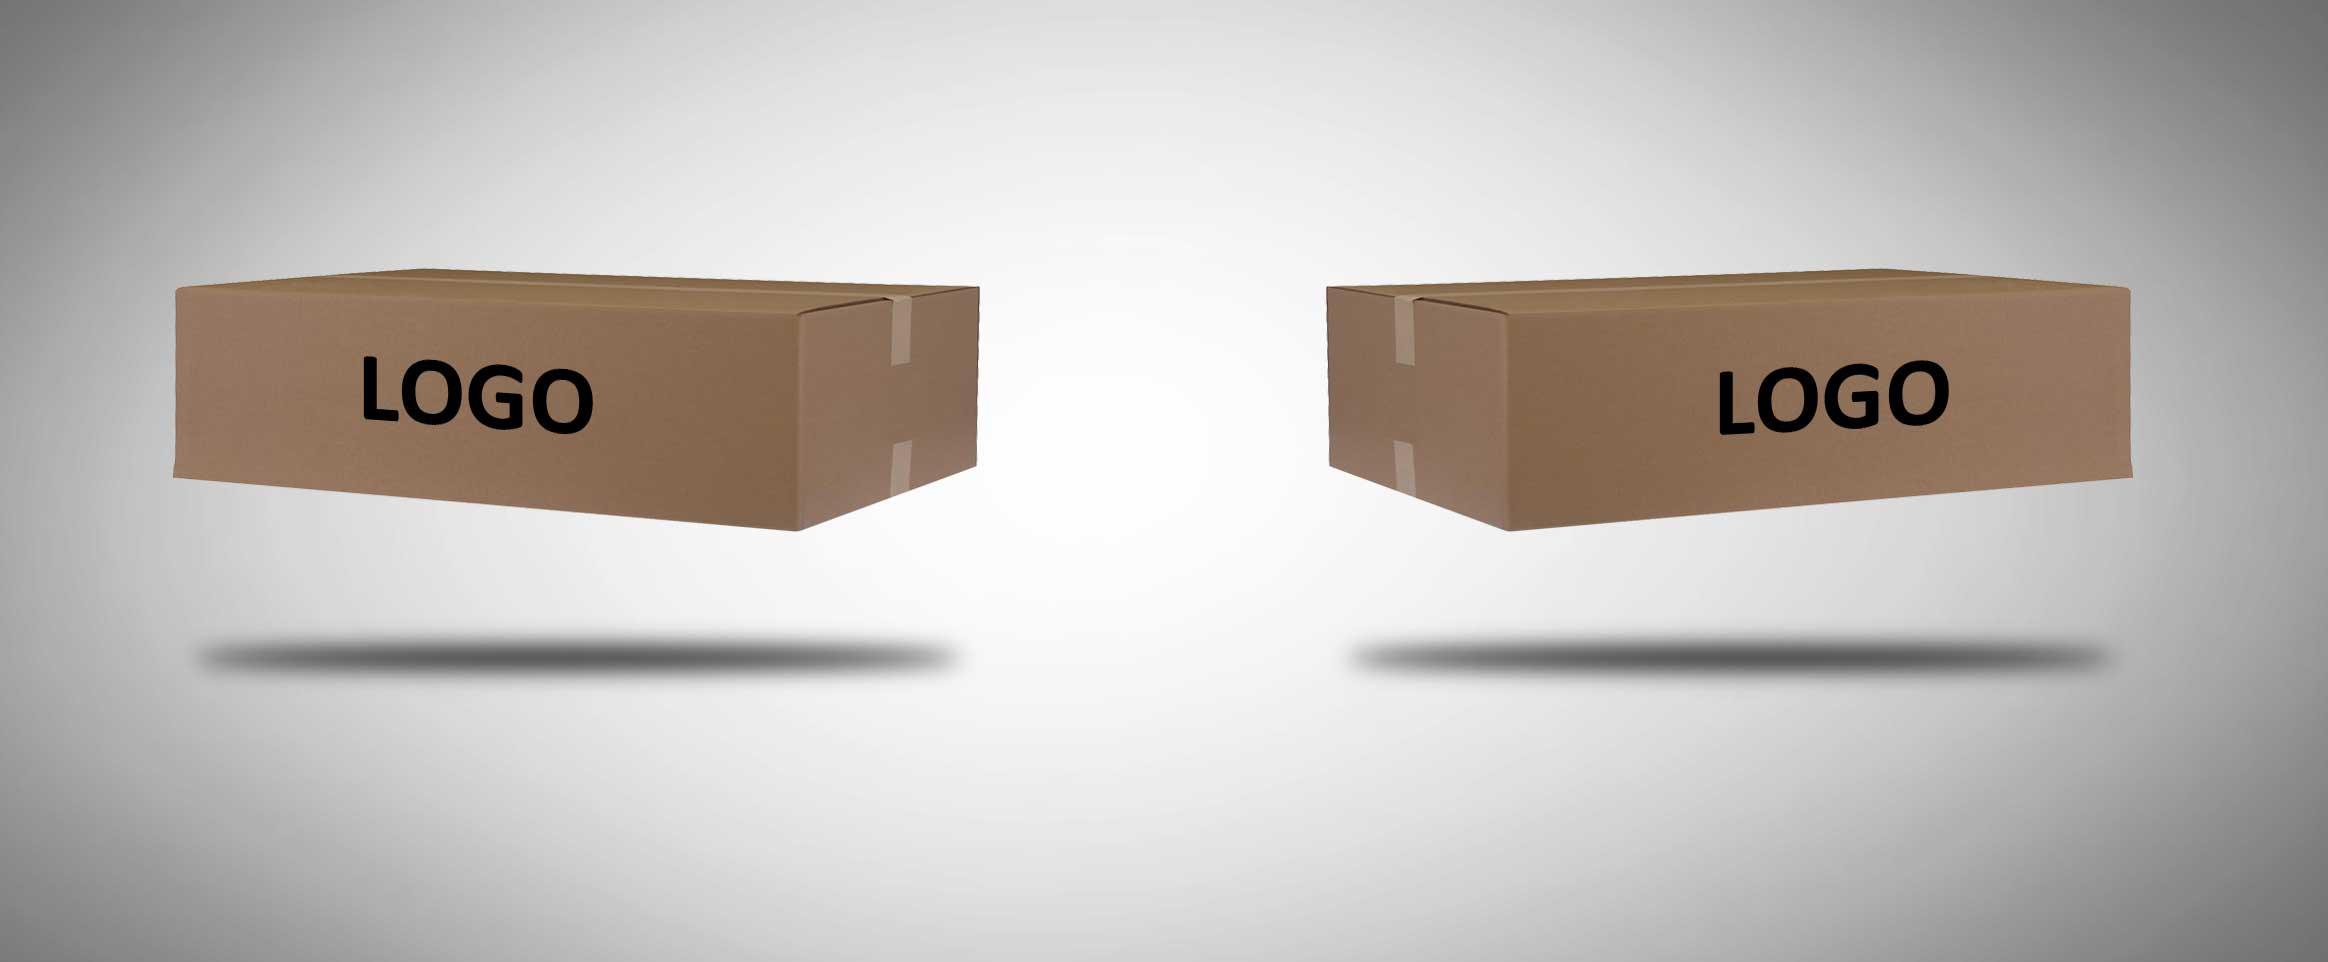 OEM ODM Custom Server Packaging